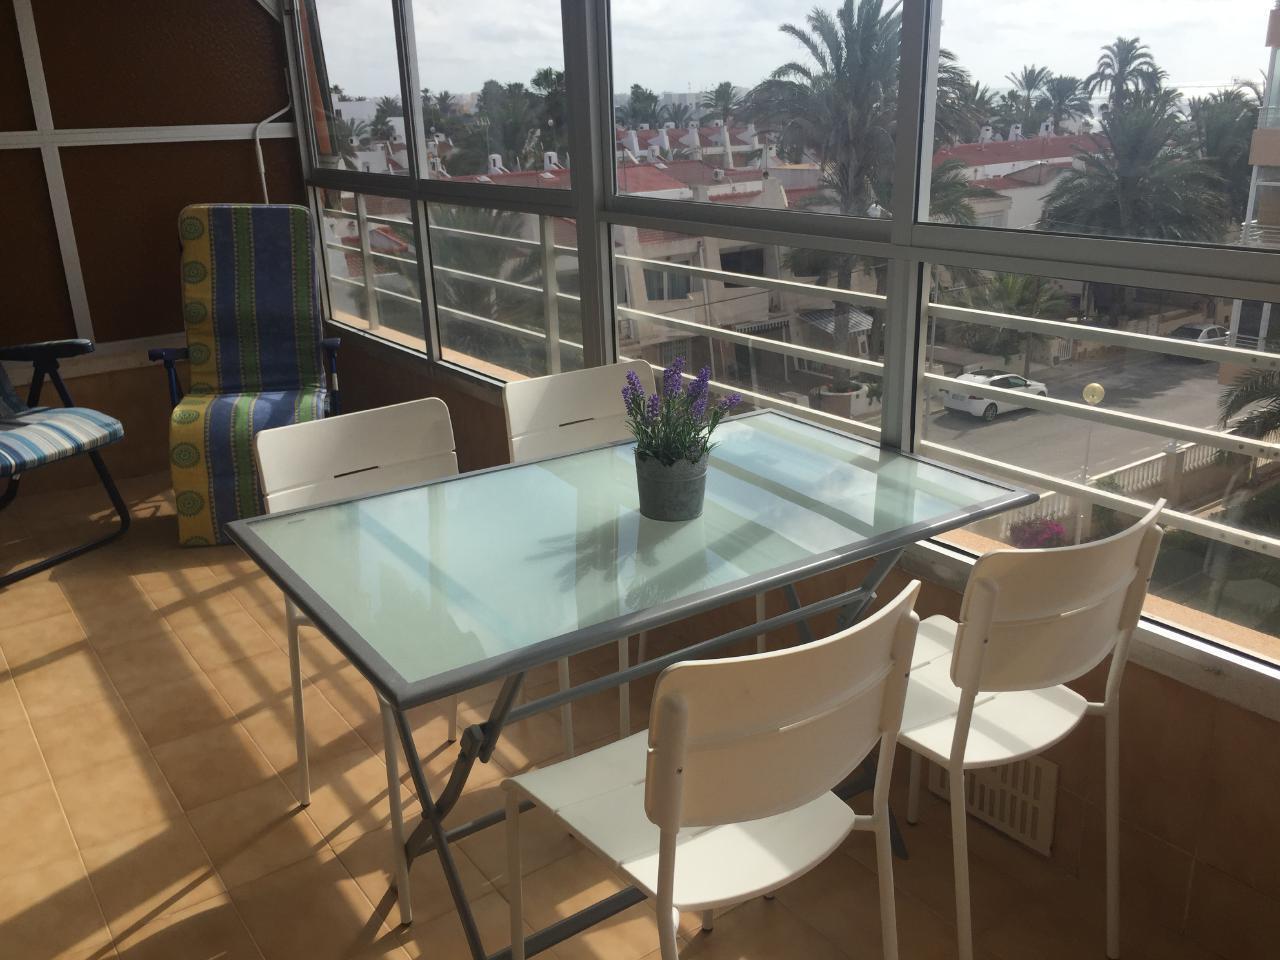 Ferienwohnung Sonnige 3.5 Zi-Wohnung am Meer (1026876), Torrevieja, Costa Blanca, Valencia, Spanien, Bild 20